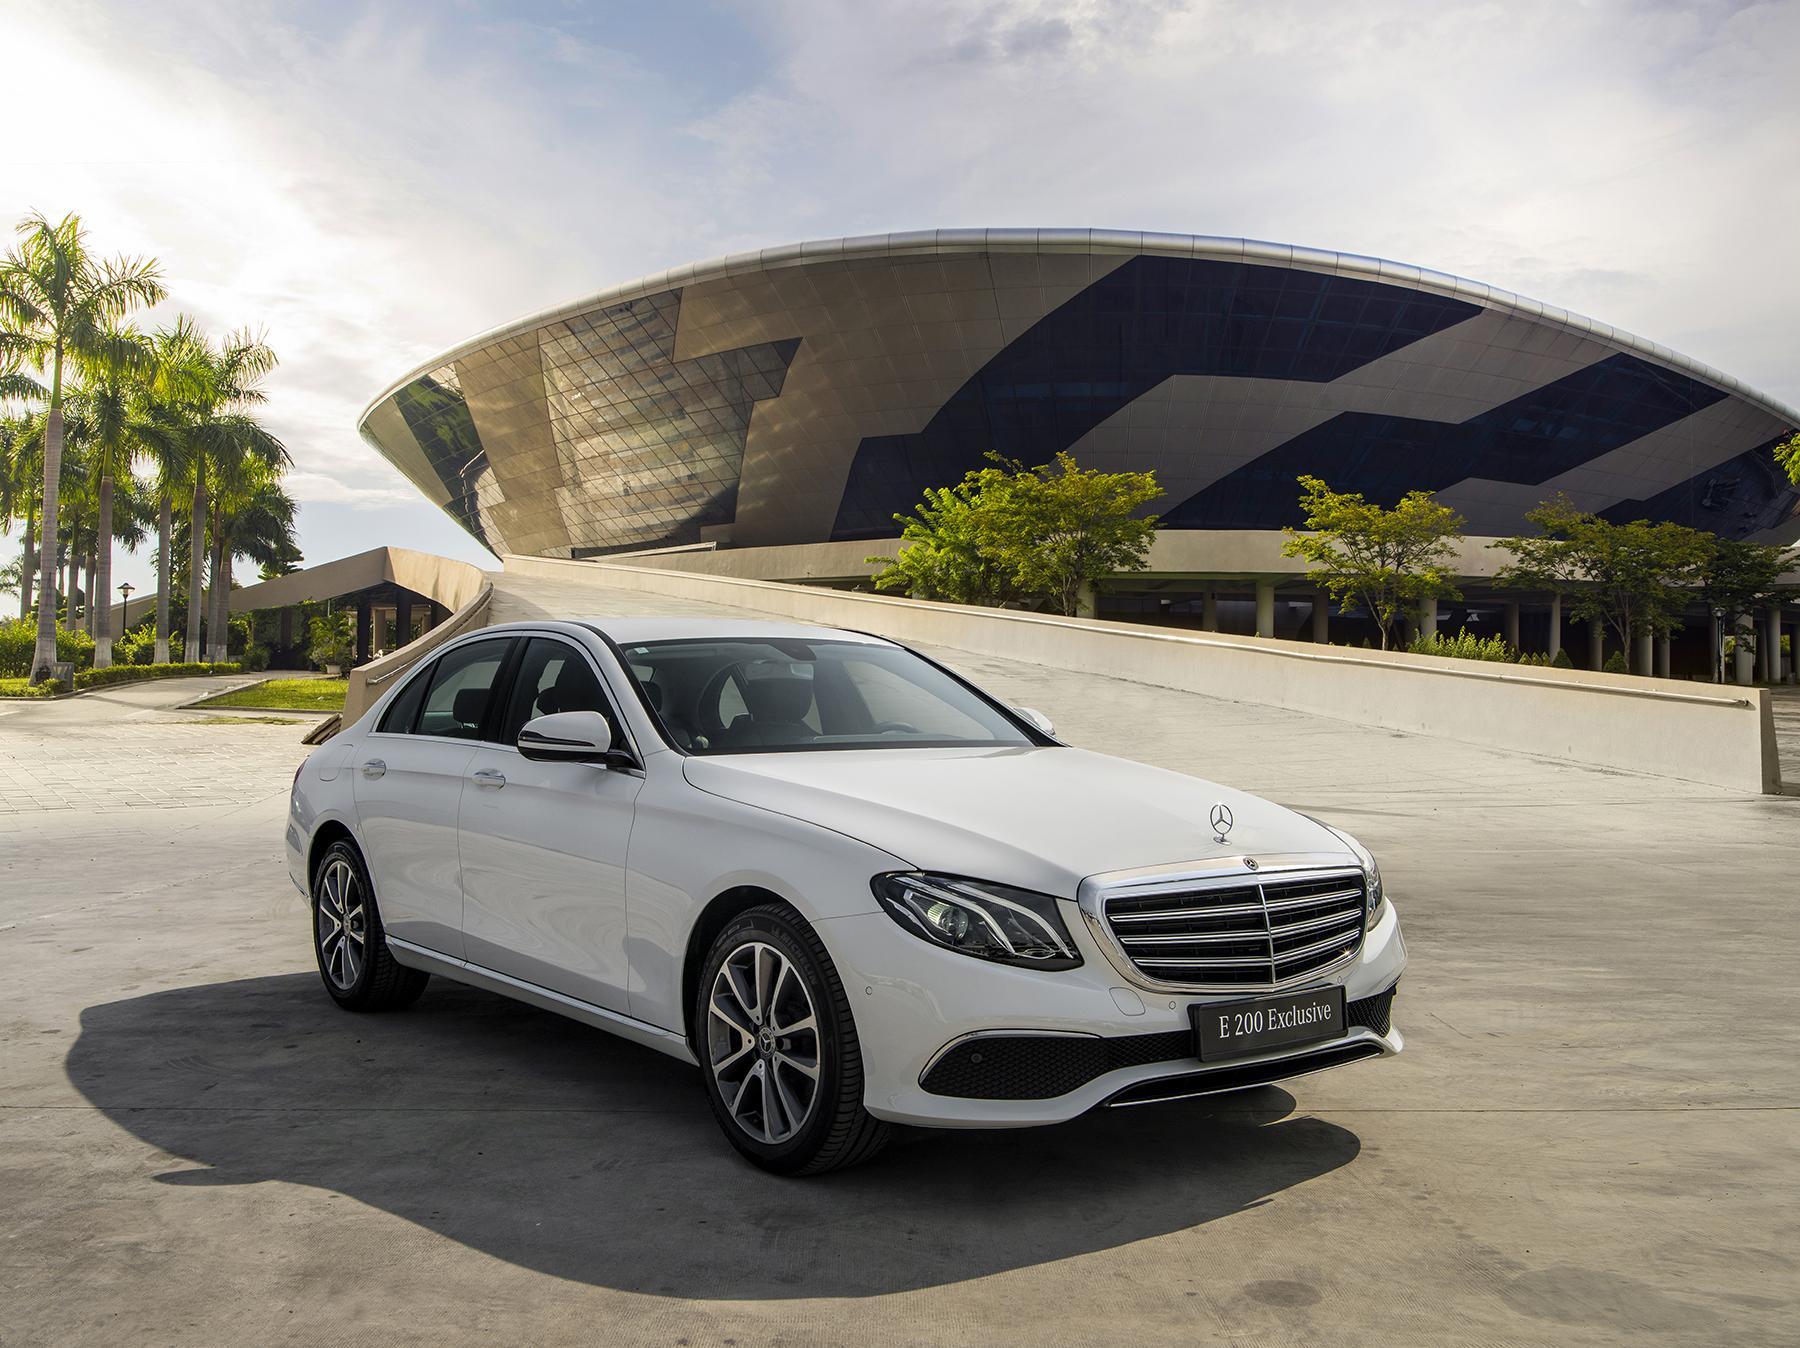 Mercedes-Benz E200 Exclusive